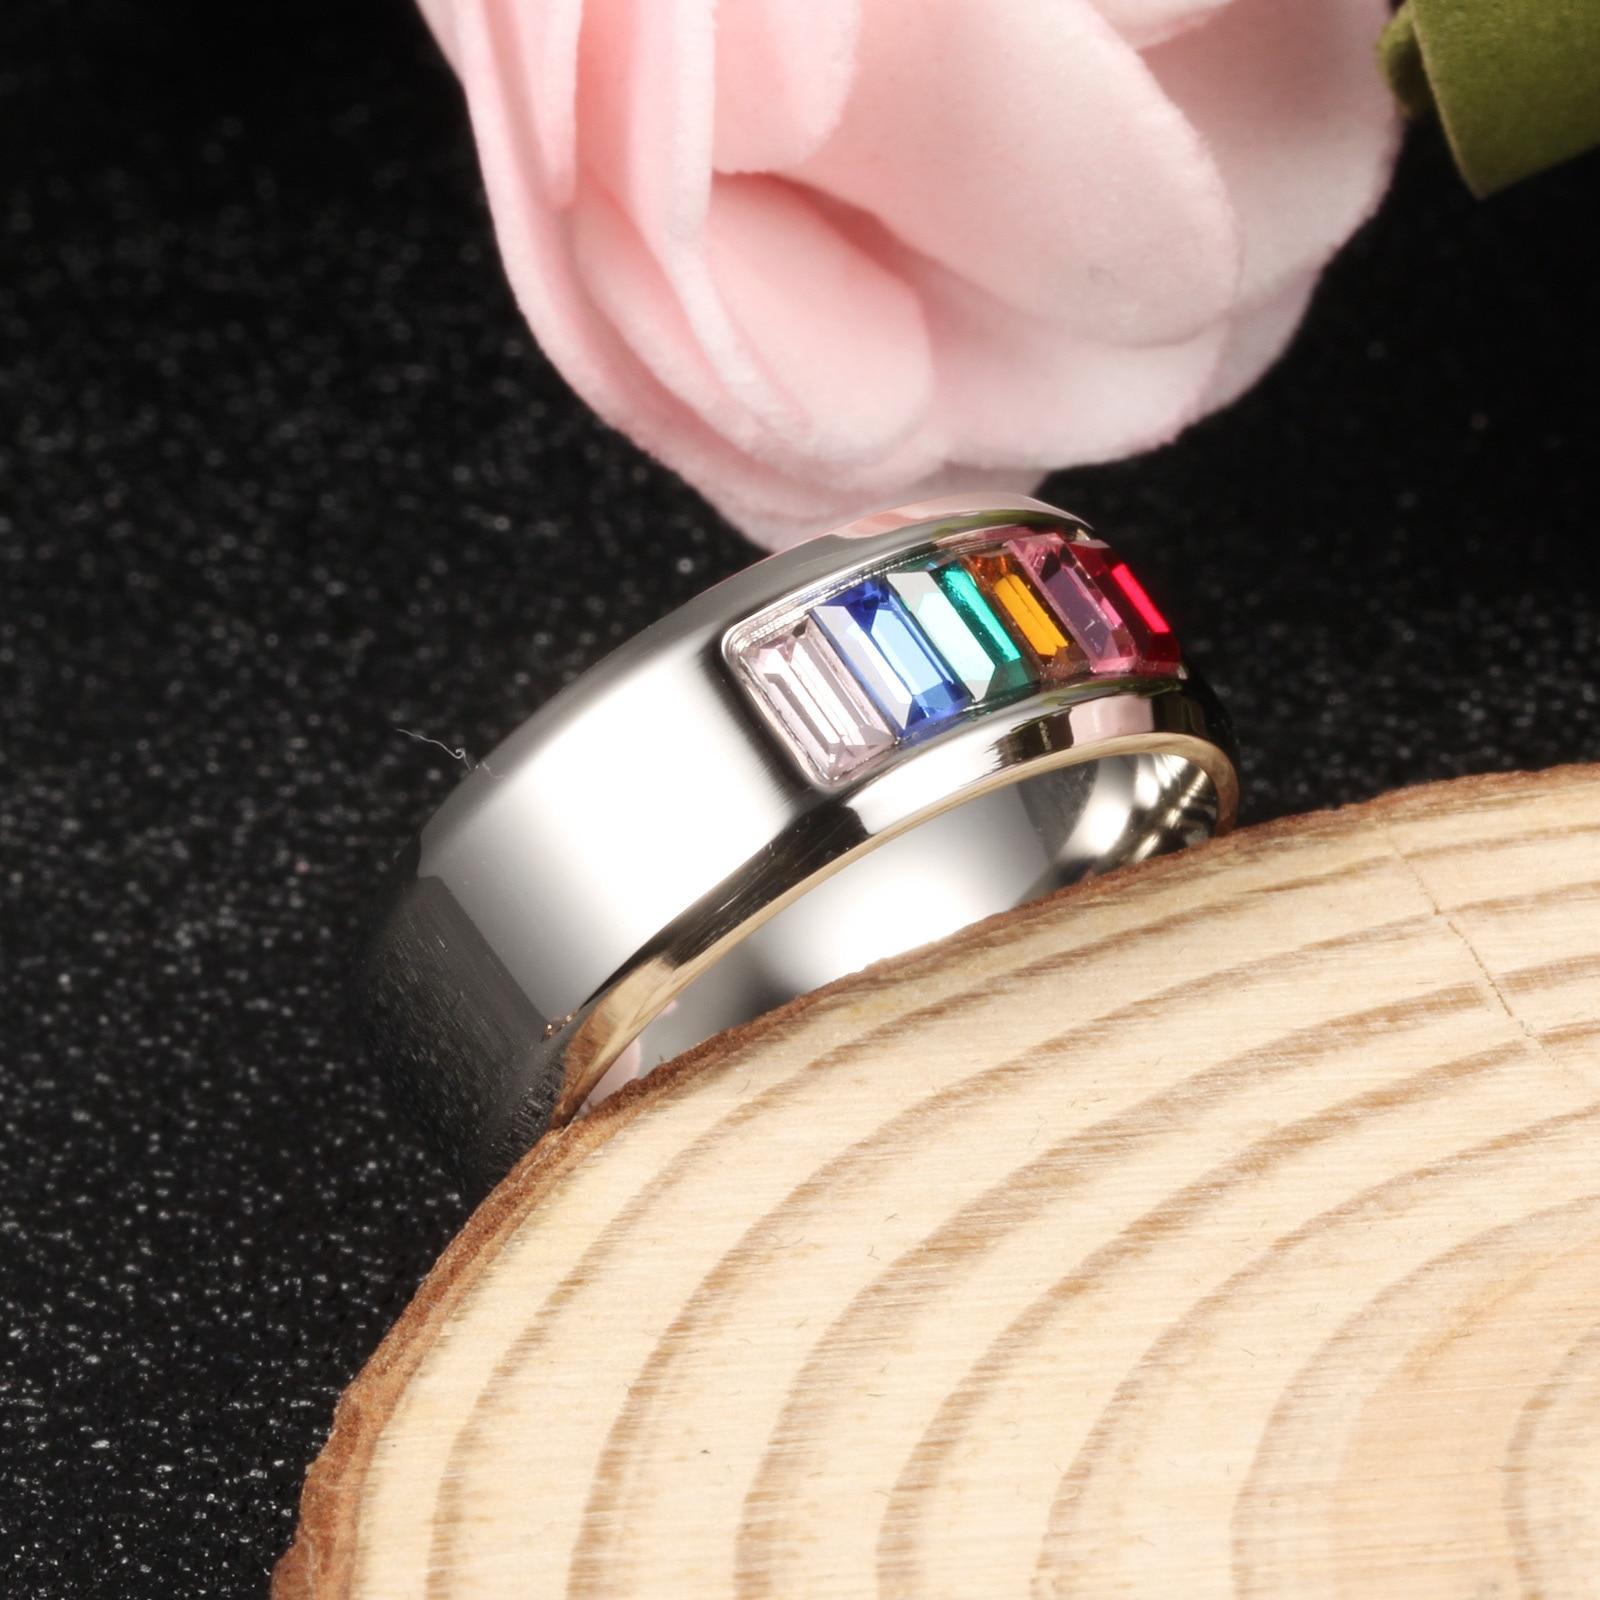 aliexpress lesbian bi ual pride **** ual rings